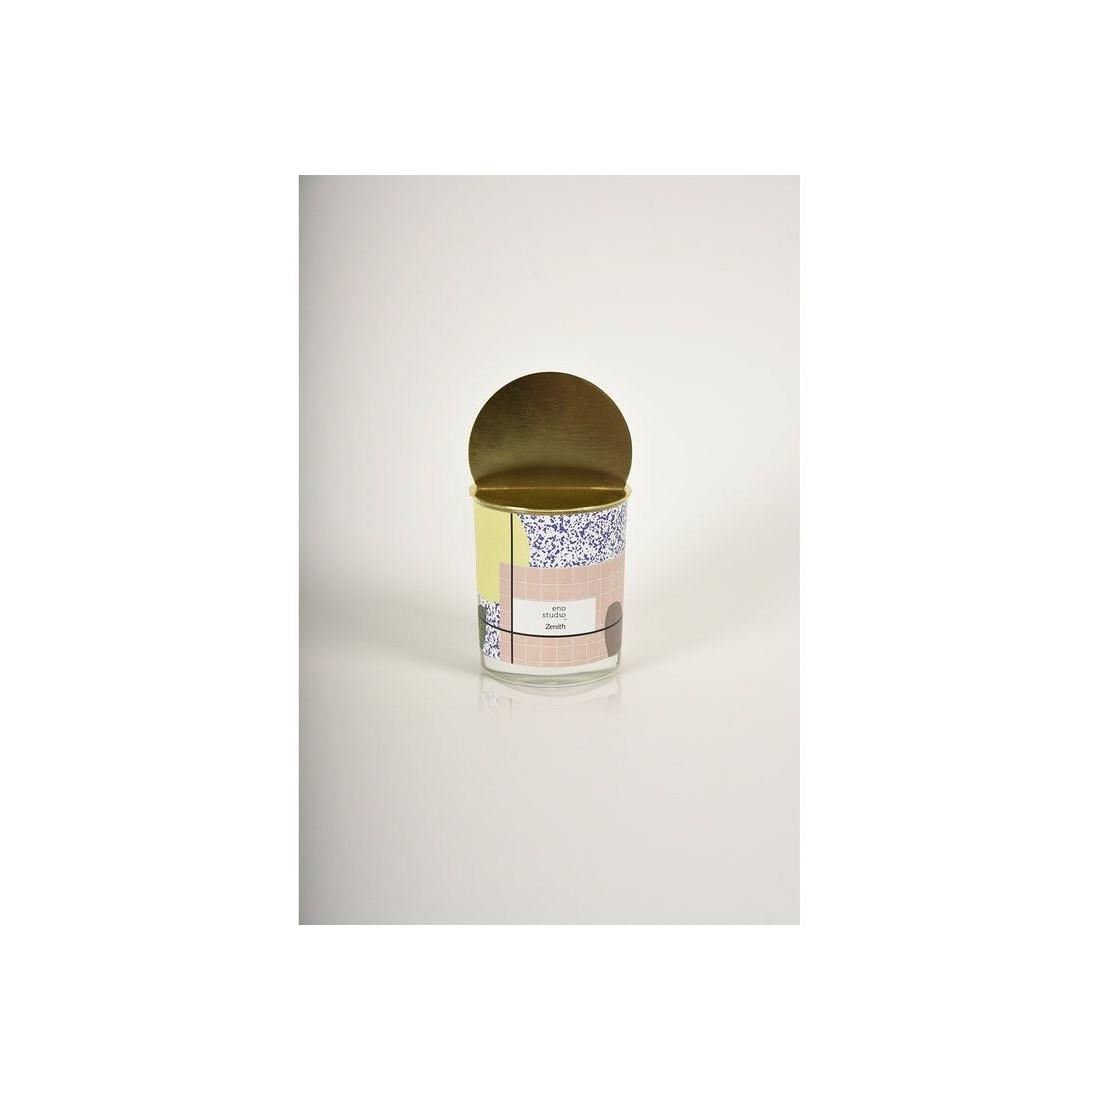 Bougie Zenith Parfum Feuille de Figuier Eno Studio